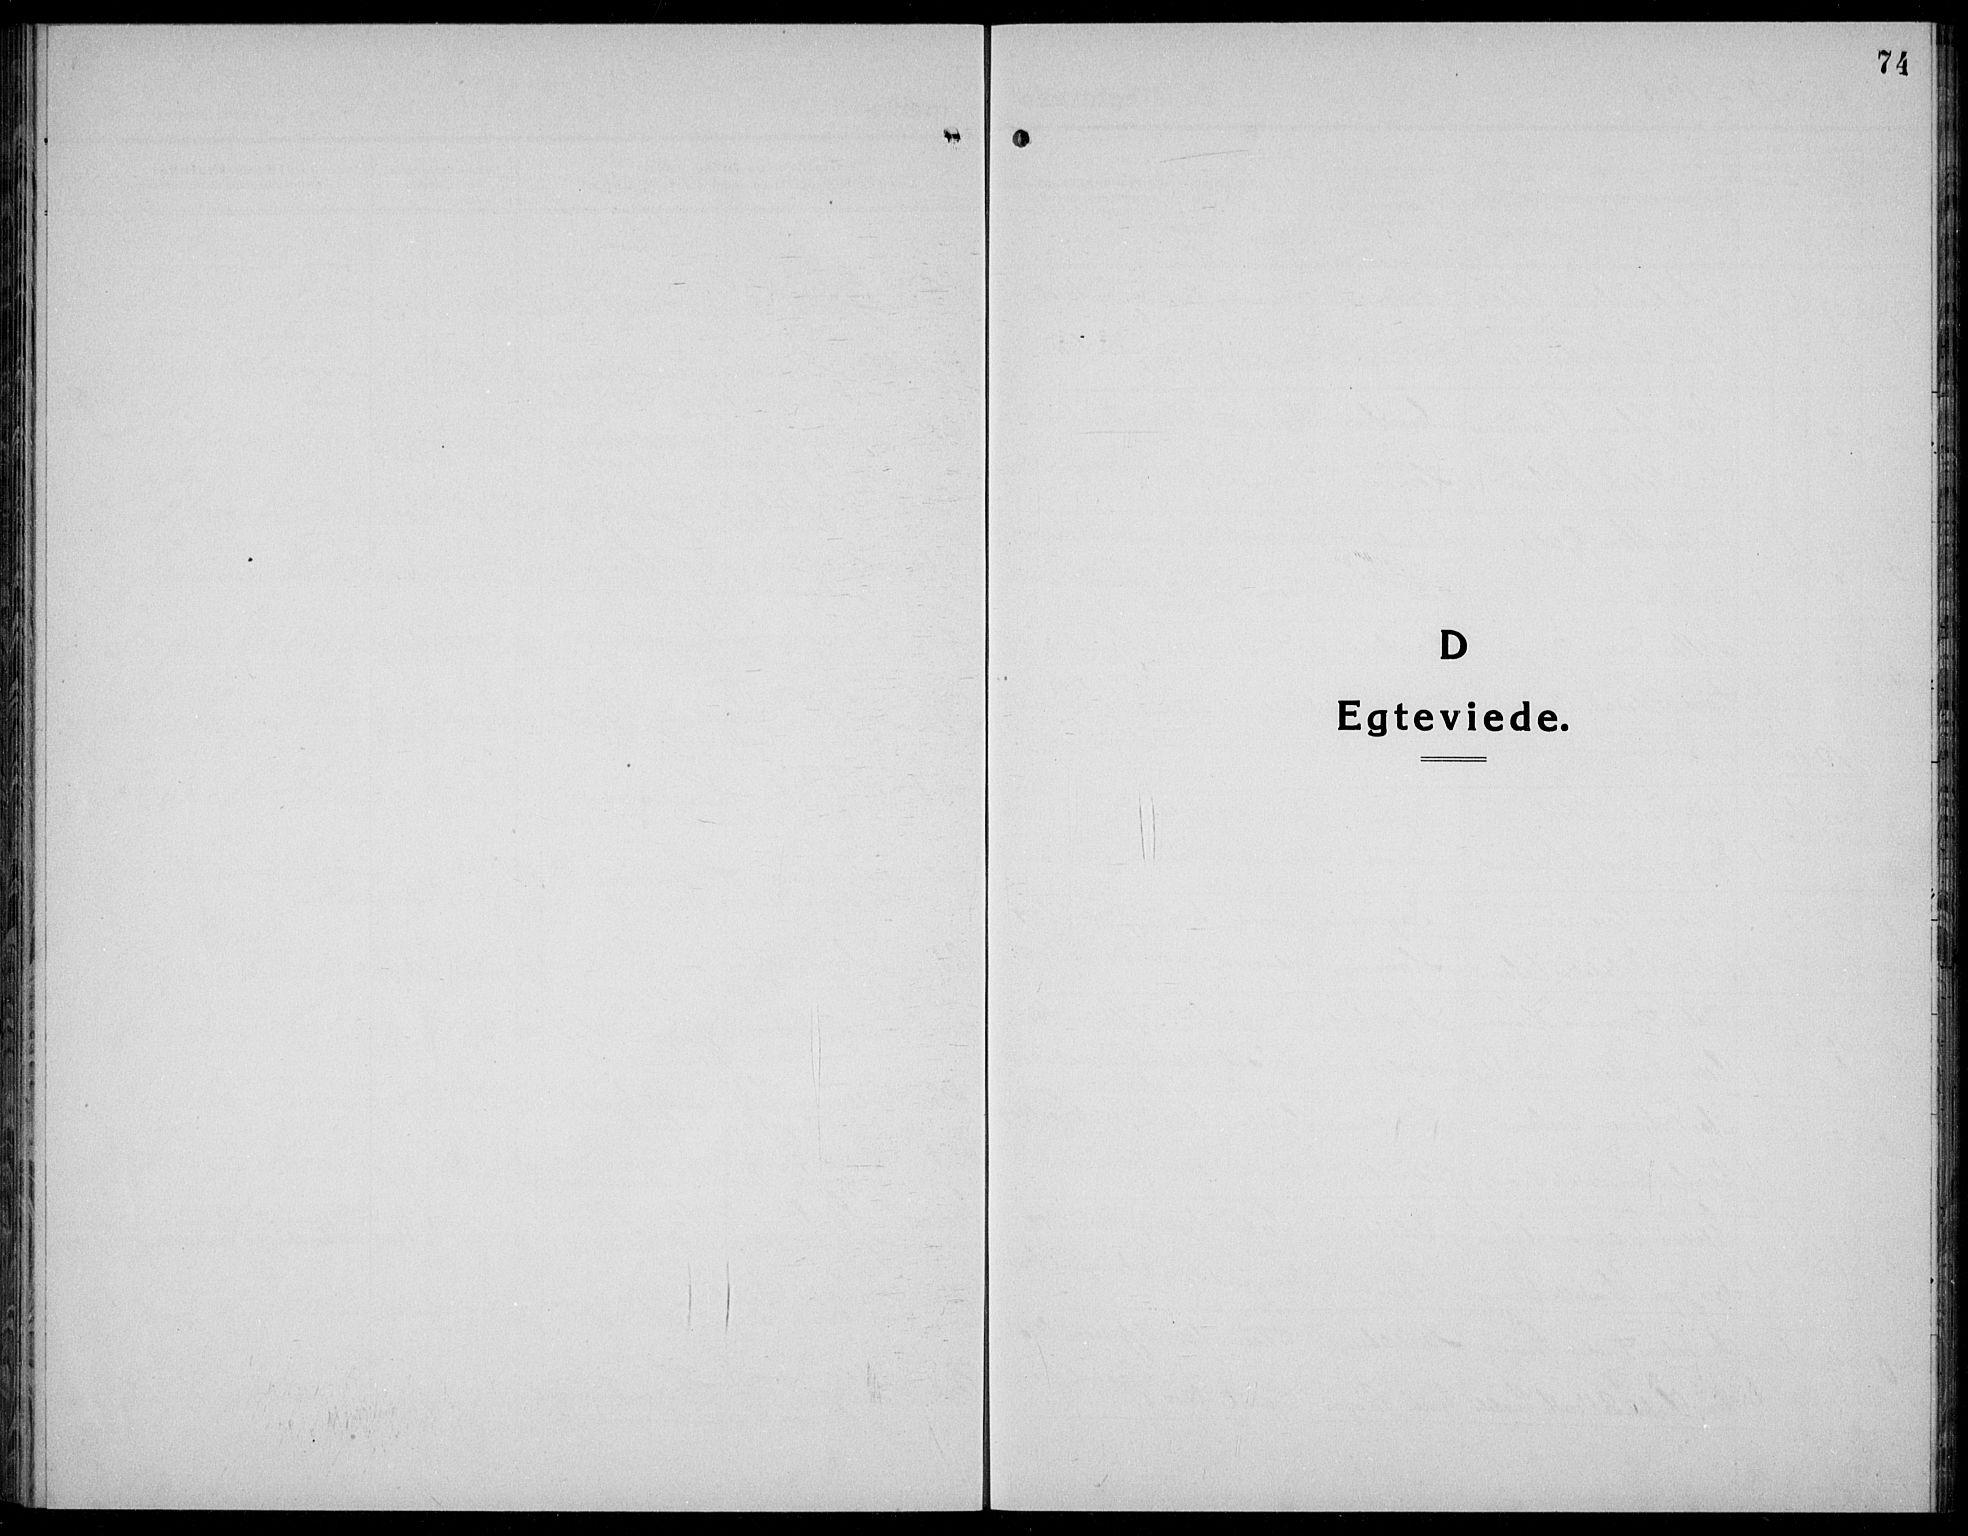 SAKO, Kviteseid kirkebøker, G/Gc/L0002: Klokkerbok nr. III 2, 1917-1937, s. 74